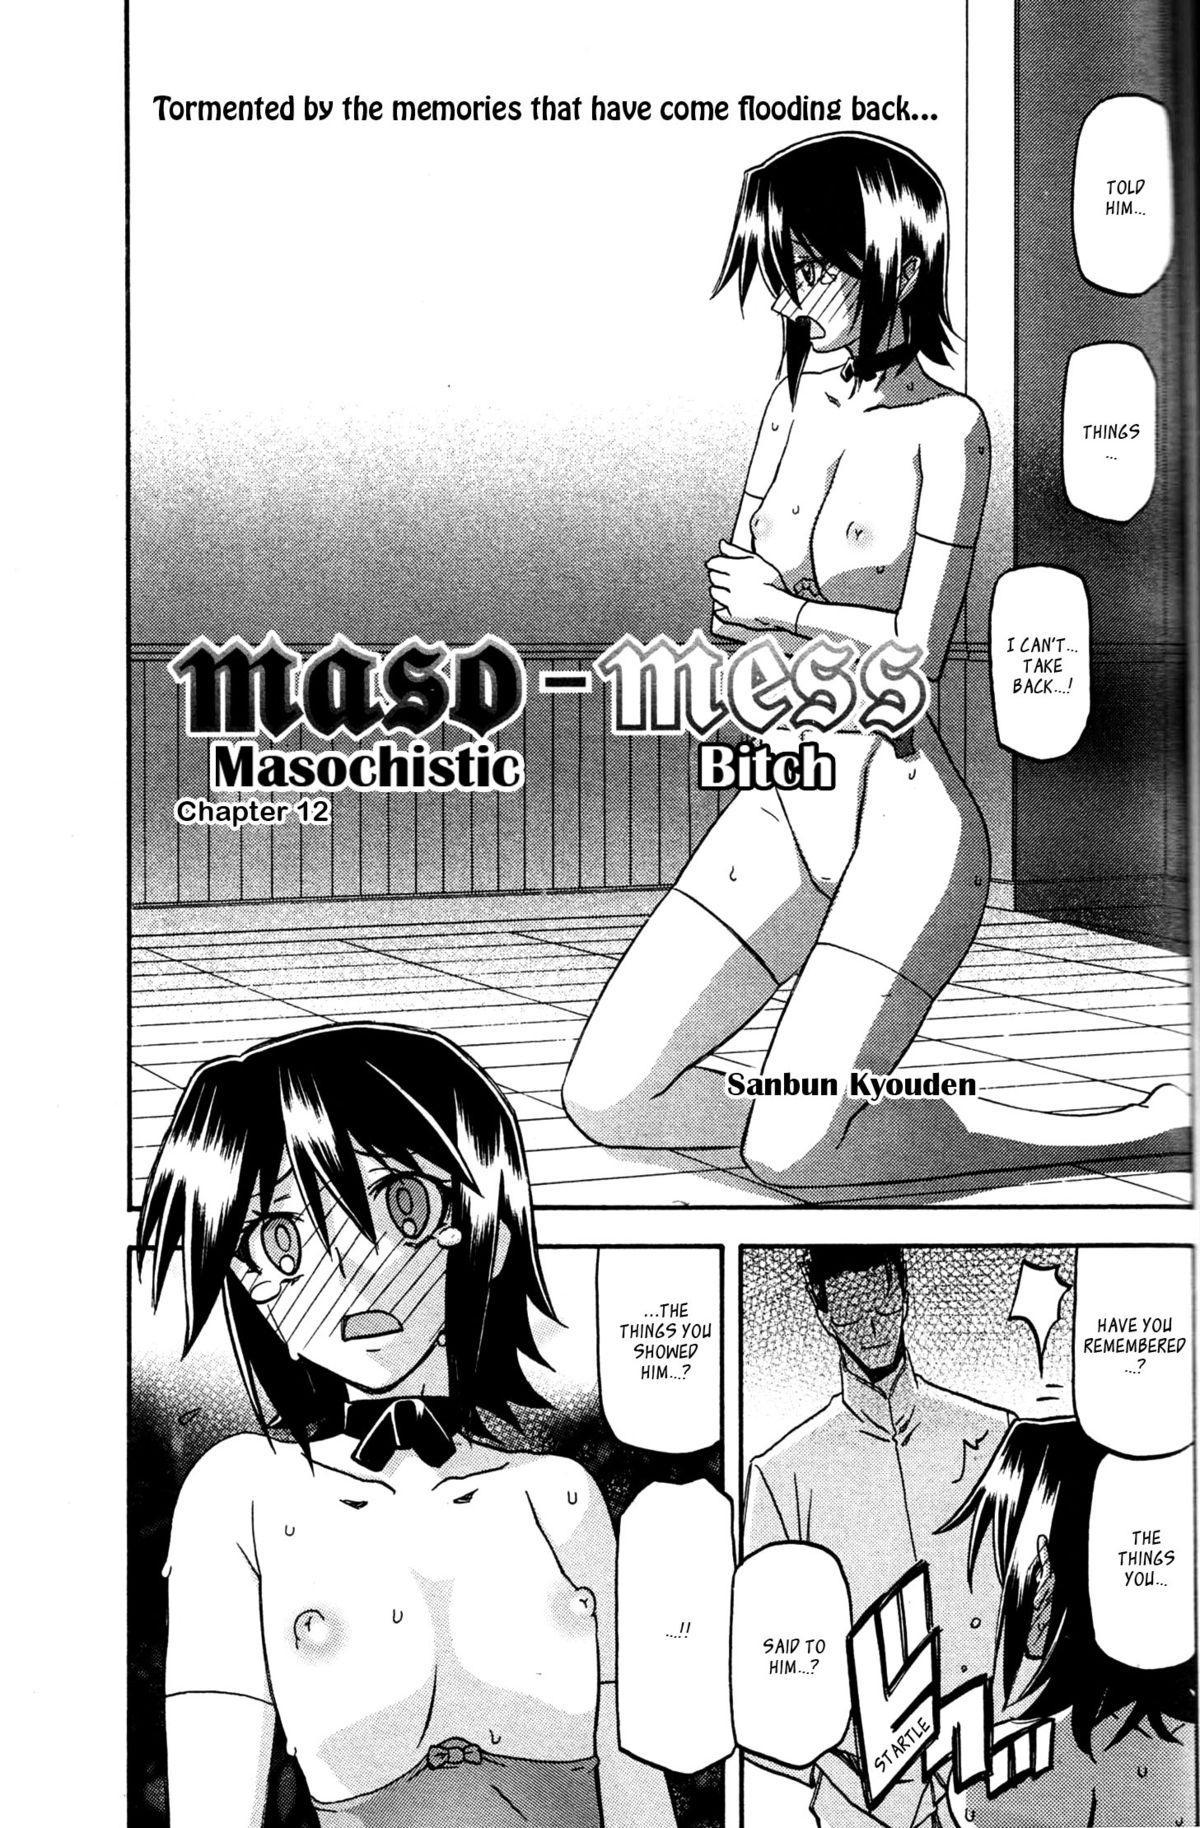 (Sanbun Kyoden) maso-mess Ch. 1-13 [English] [_ragdoll] 186